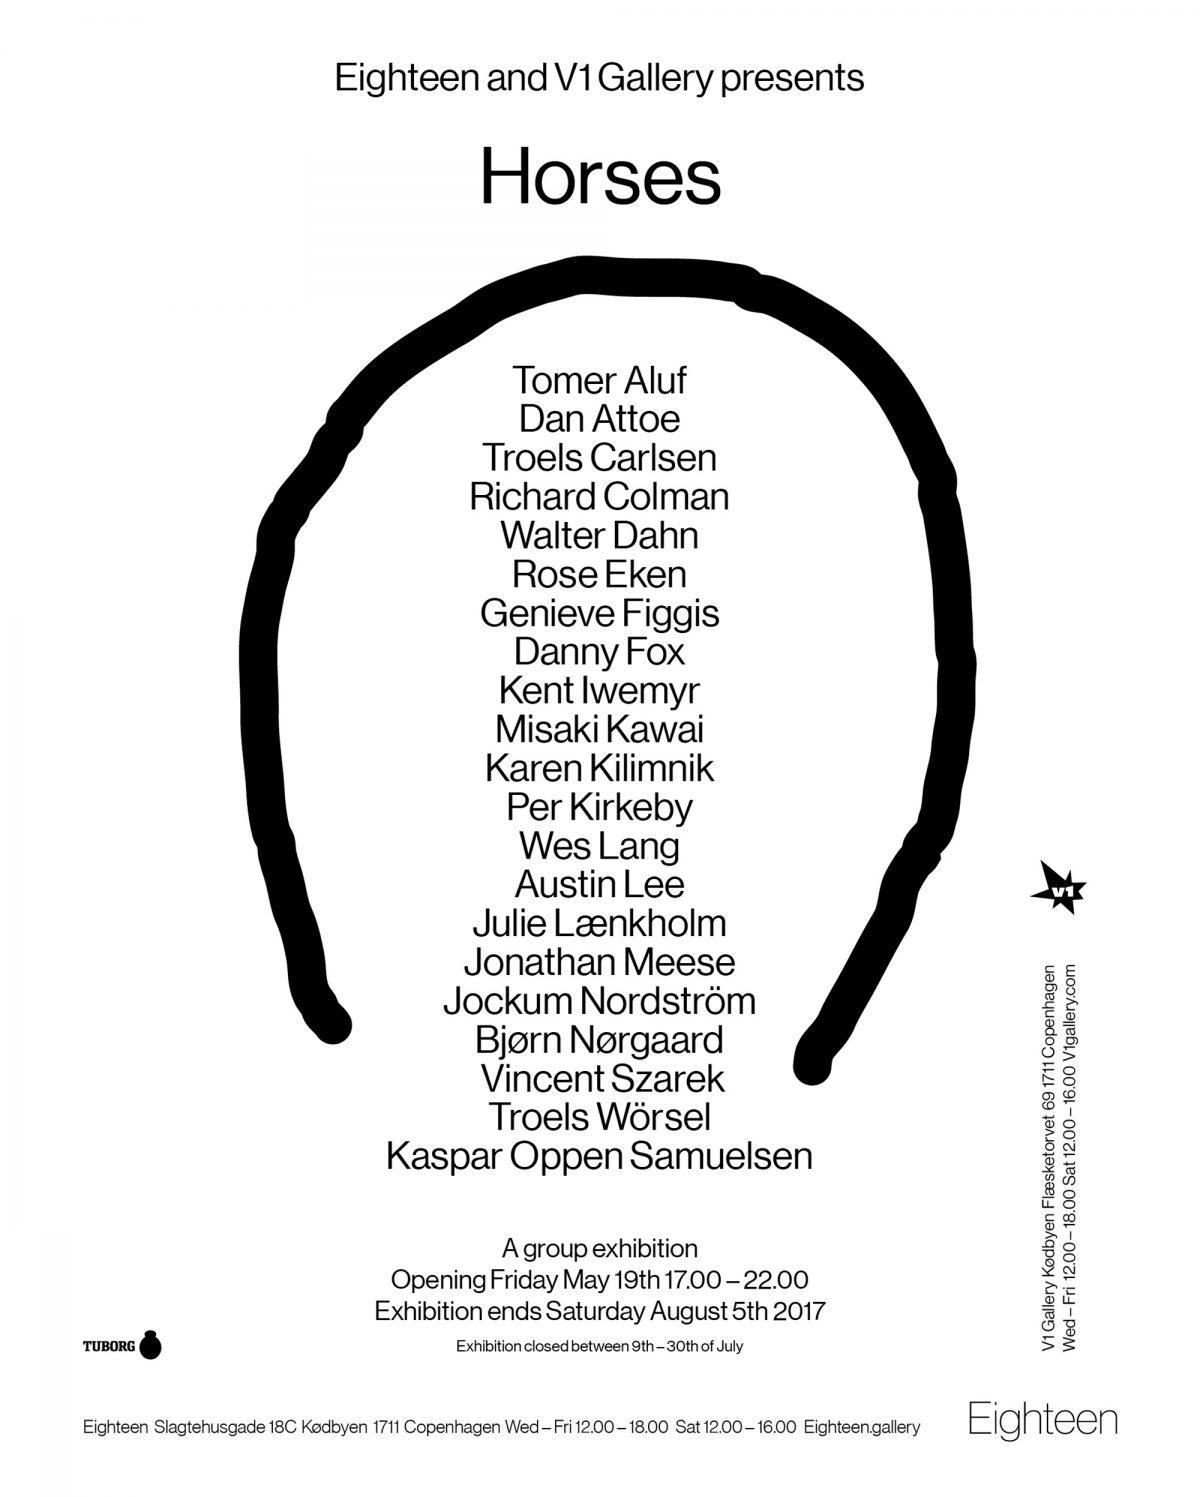 FERNISERING: HORSES. FREDAG DEN 19. MAJ FRA 17 – 22 I V1 GALLERY OG EIGHTEEN